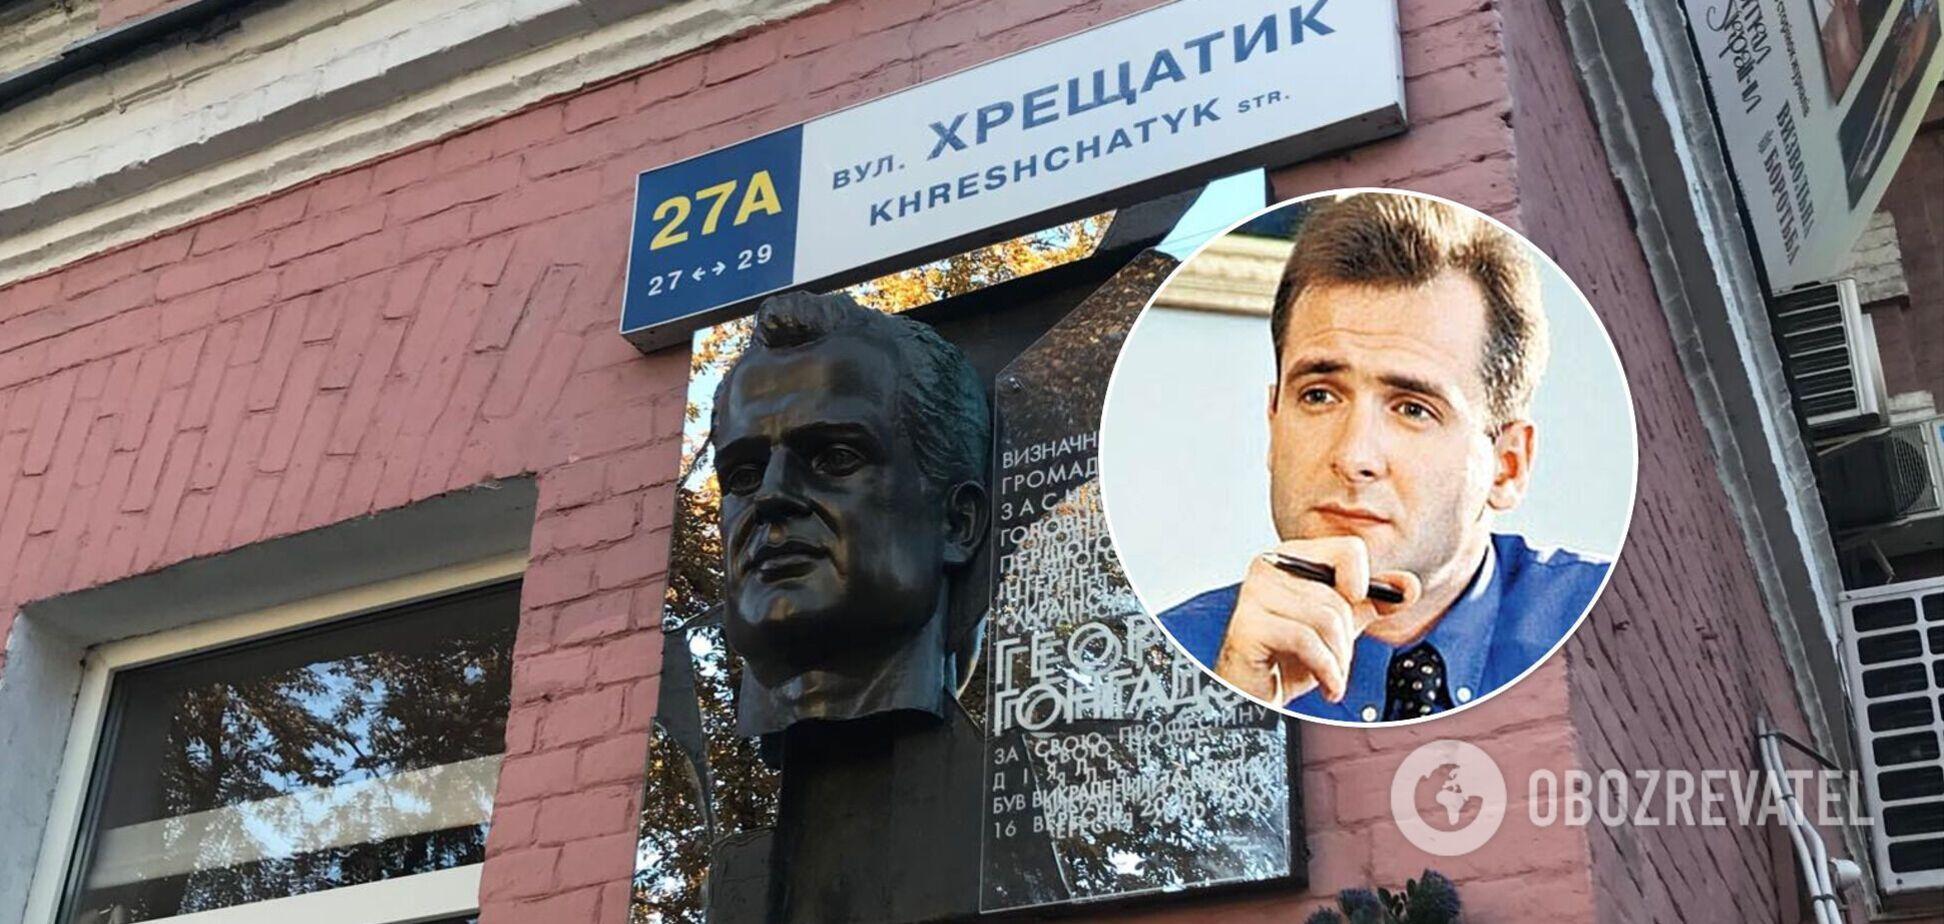 В Киеве вандалы повредили мемориальную доску Гонгадзе. Фото